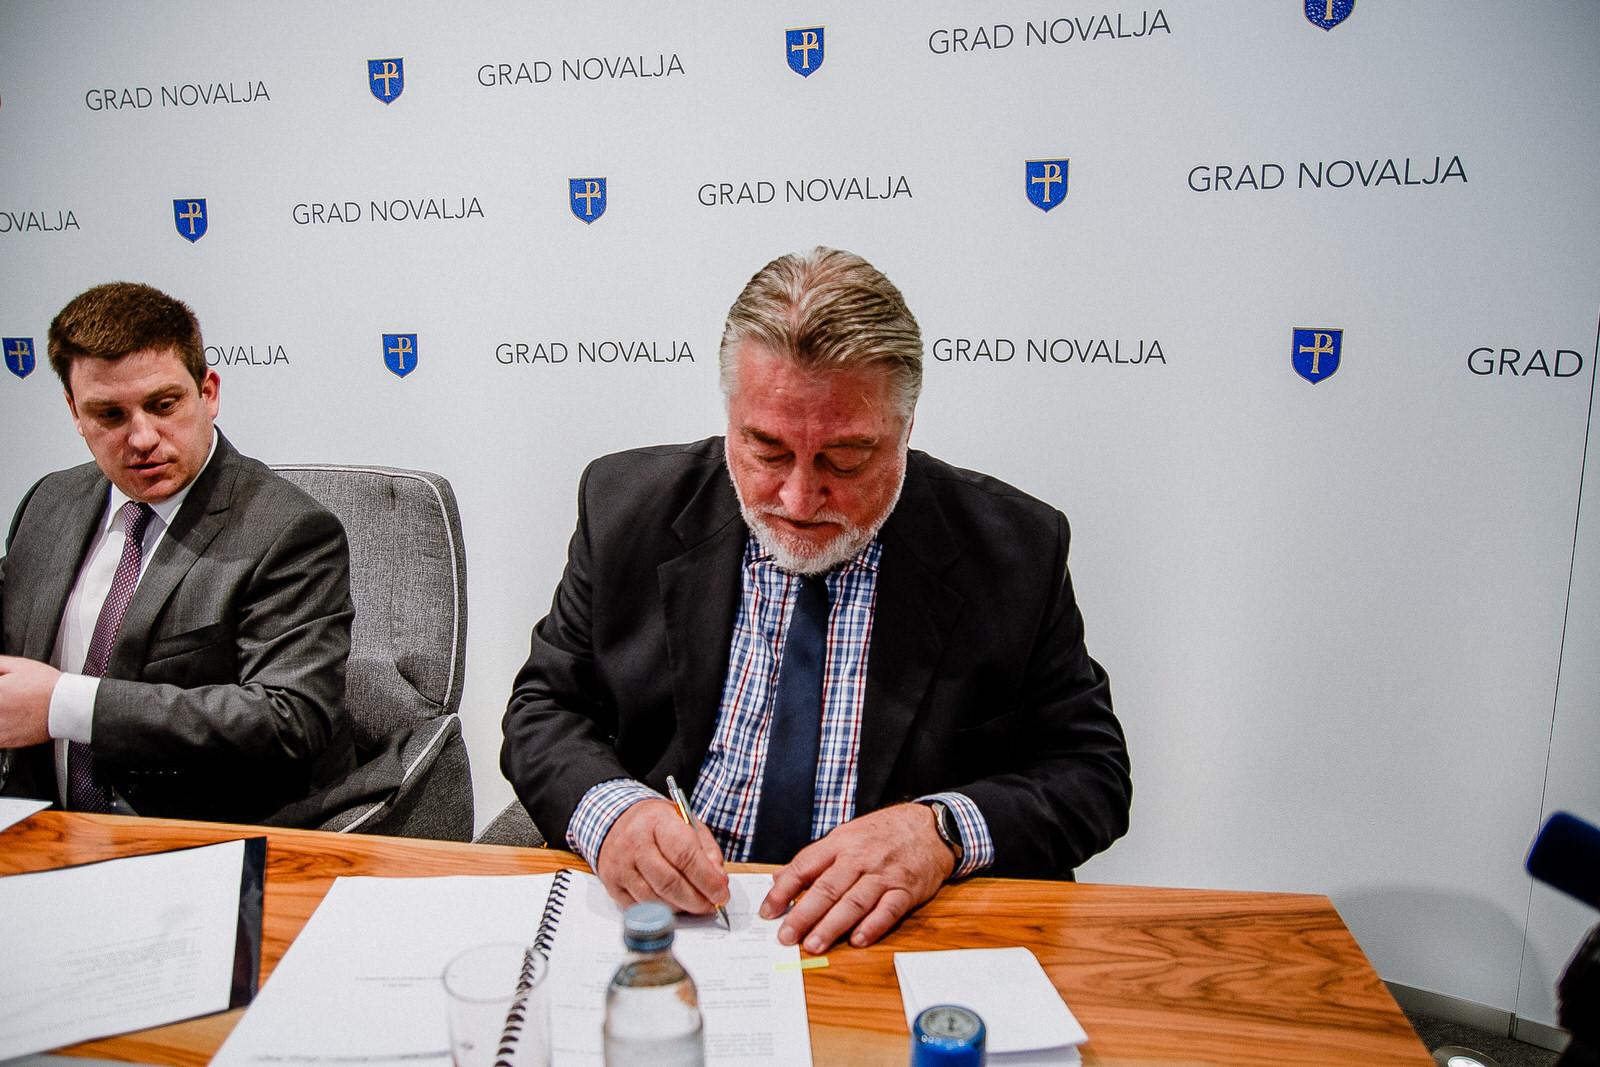 likaclub_novalja_potpisivanje-ugovora-žigljen_2019-20